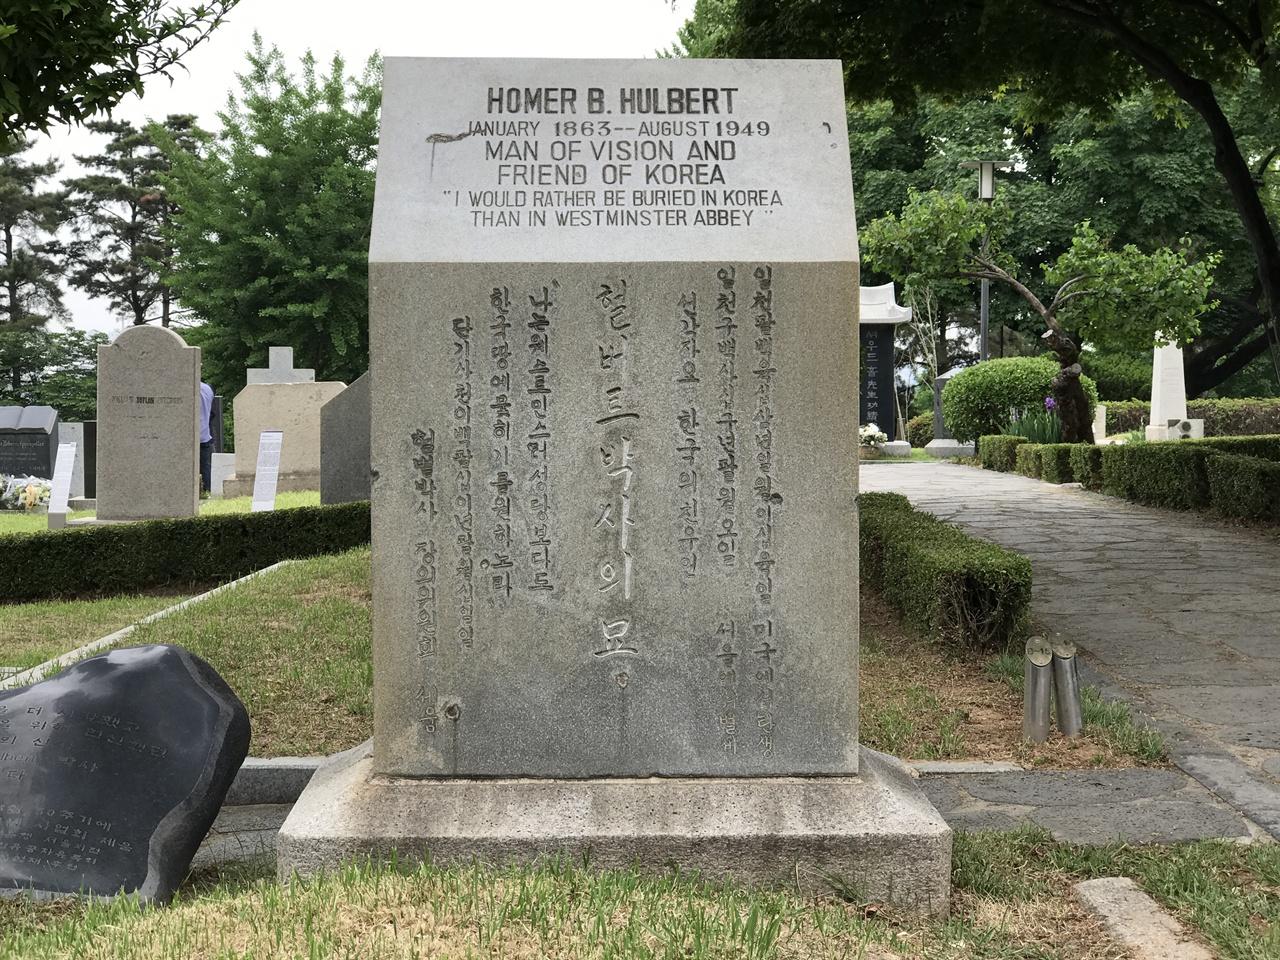 """양화진 외국인선교사묘원에 묻힌 독립운동가 헐버트 을사늑약 체결 이듬해인 1906년 헐버트는 <대한제국멸망사>라는 책의 머리말에서 조선인에 대해 이런 글을 남겼다. """"그들은(조선인은) 수적인 면에서 중국에 눌려서 살고 있으며 재치 면에서 일본에 눌려서 살고 있다. 그들은 중국인처럼 상술에 능하지 못하며 일본인처럼 싸움을 잘 하는 민족도 아니다. 기질 면에서 보면 그들은 중국인이나 일본인보다 앵글로 색슨 민족에 가까우며 극동에 살고 있는 민족 중에서 가장 상냥하다. 그들의 약점은 어느 곳에나 무지가 연속돼 있다는 점이지만 그들에게 부여된 기회를 잘 활용하면 그들의 생활 조건은 급격하게 향상될 것이다."""""""